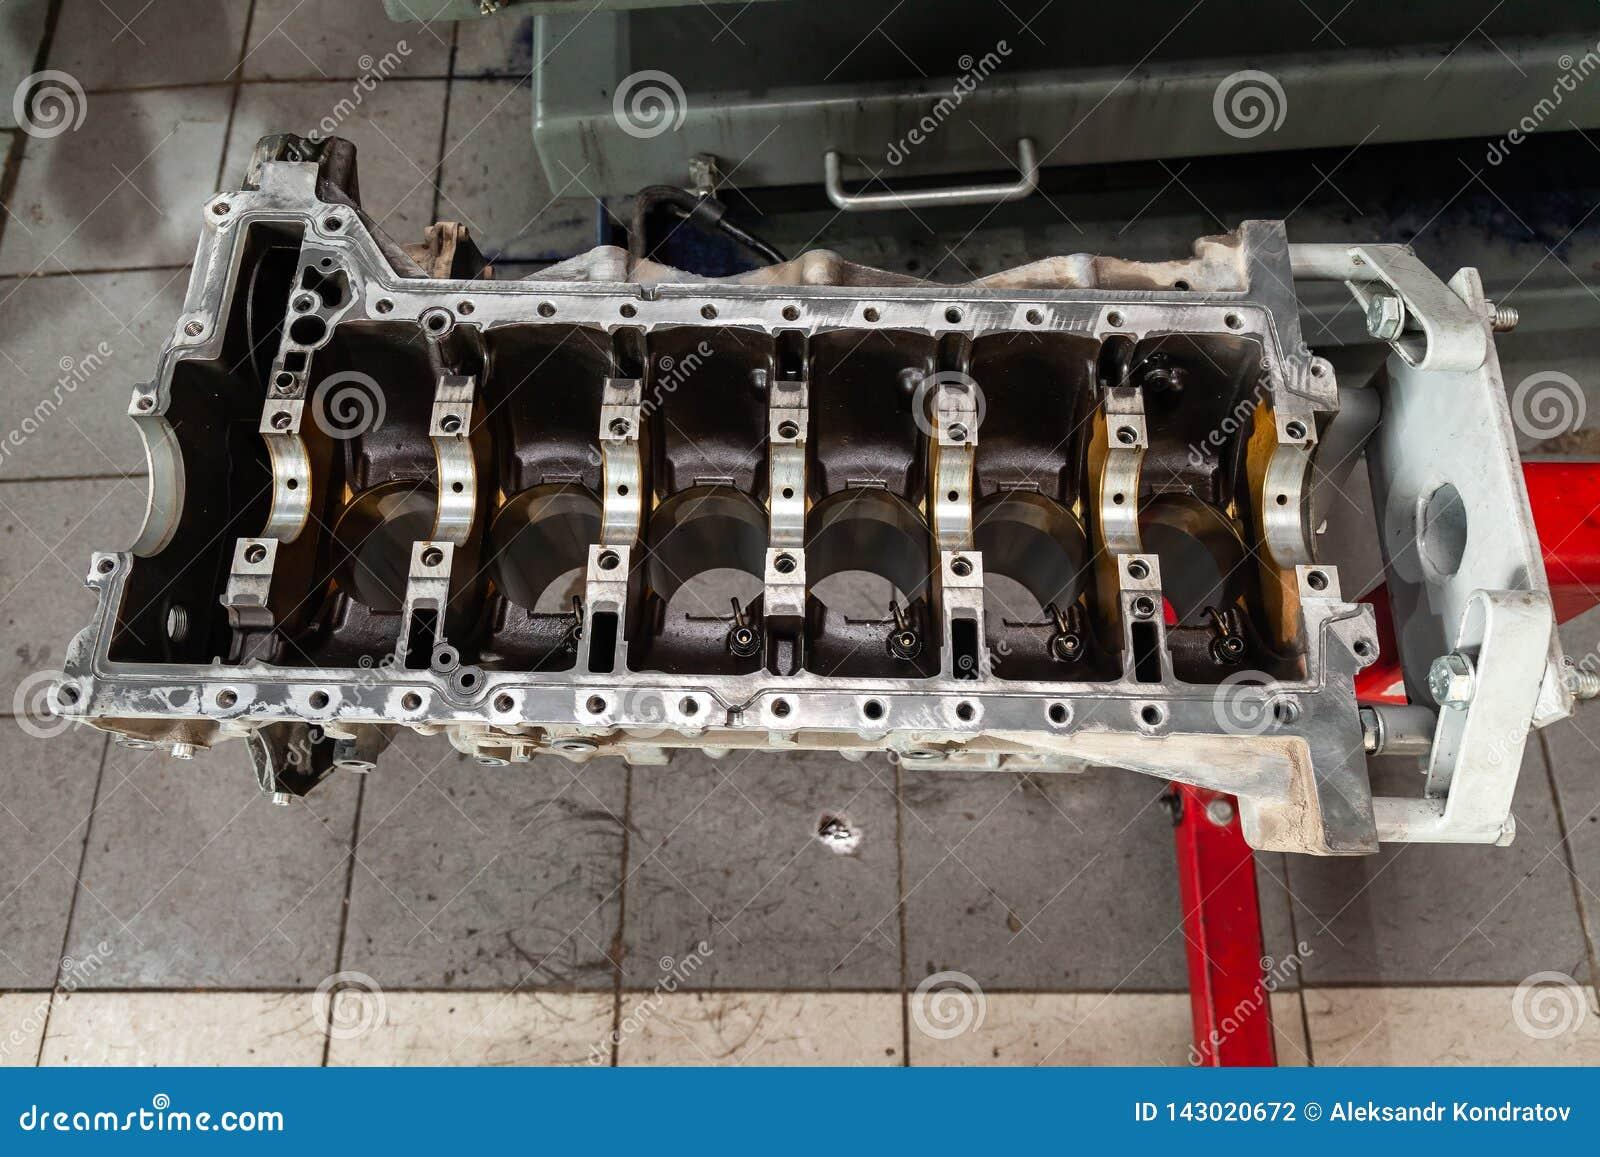 Ruilmotor op een kraan opgezet voor installatie op een auto na een analyse en een reparatie in een workshop van de autoreparatie